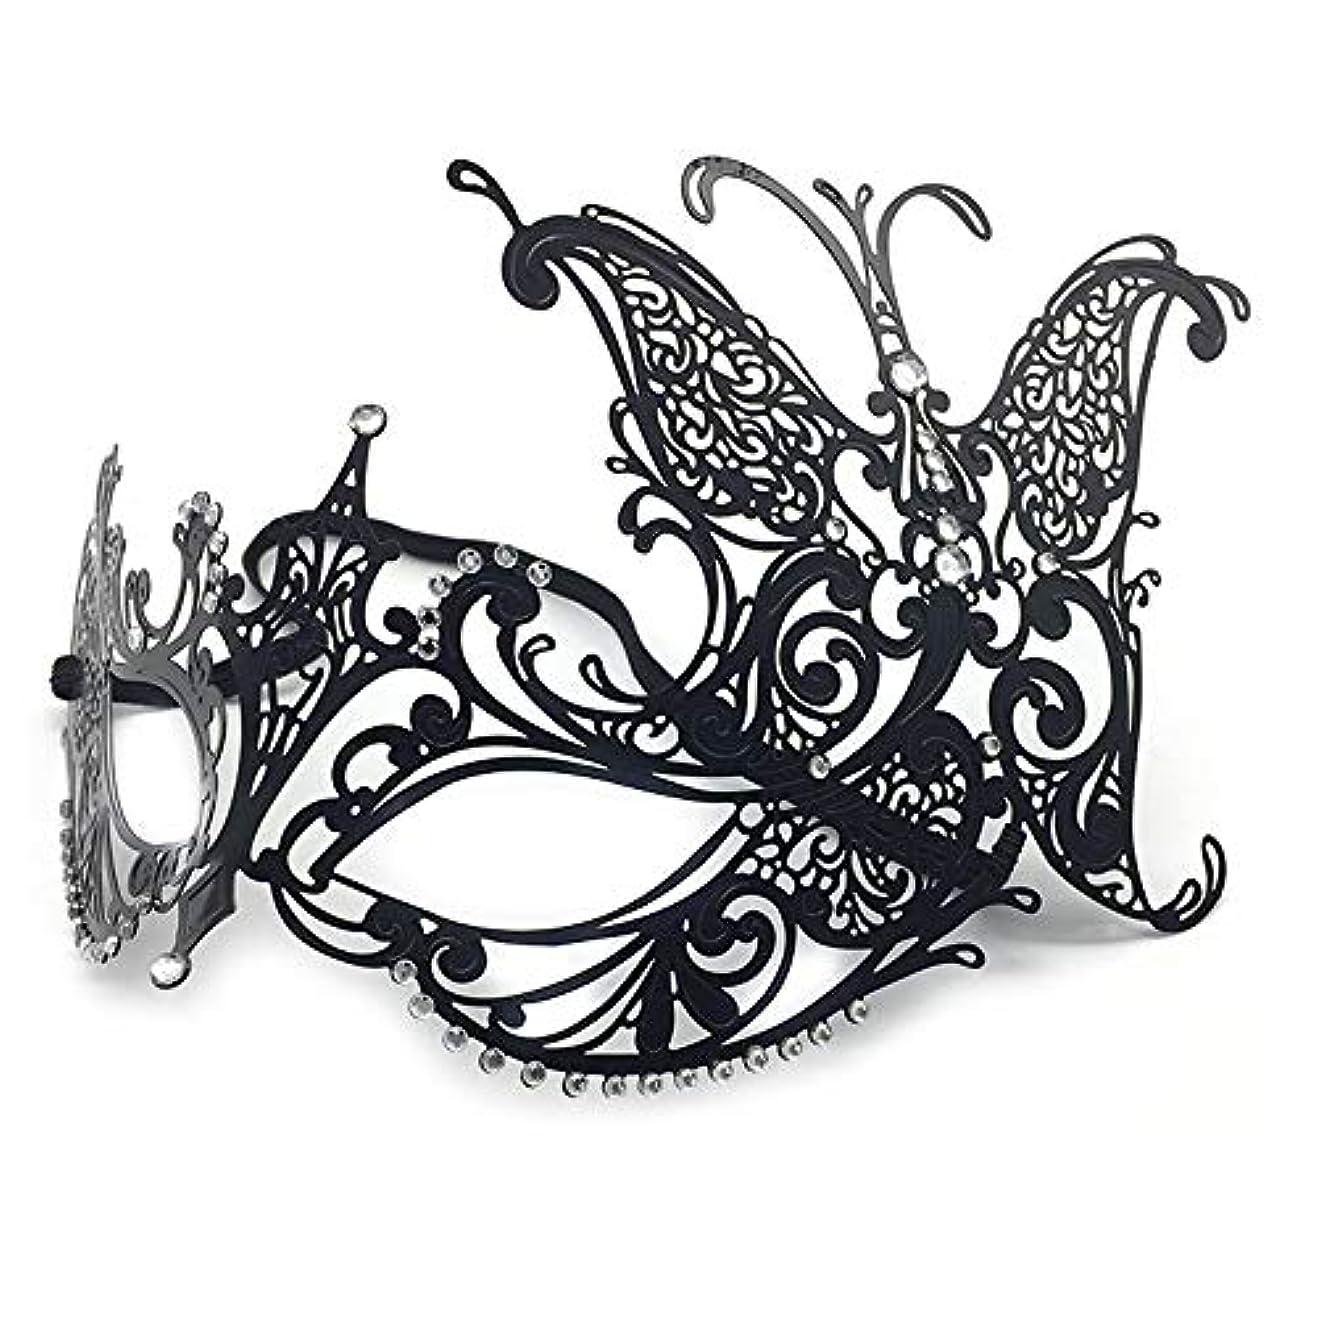 むしろ兵器庫ぴかぴかハロウィーンのお祝いヴェネツィア仮装ハーフフェイスレディメタルダイヤモンドバタフライアイアンマスクパーティー